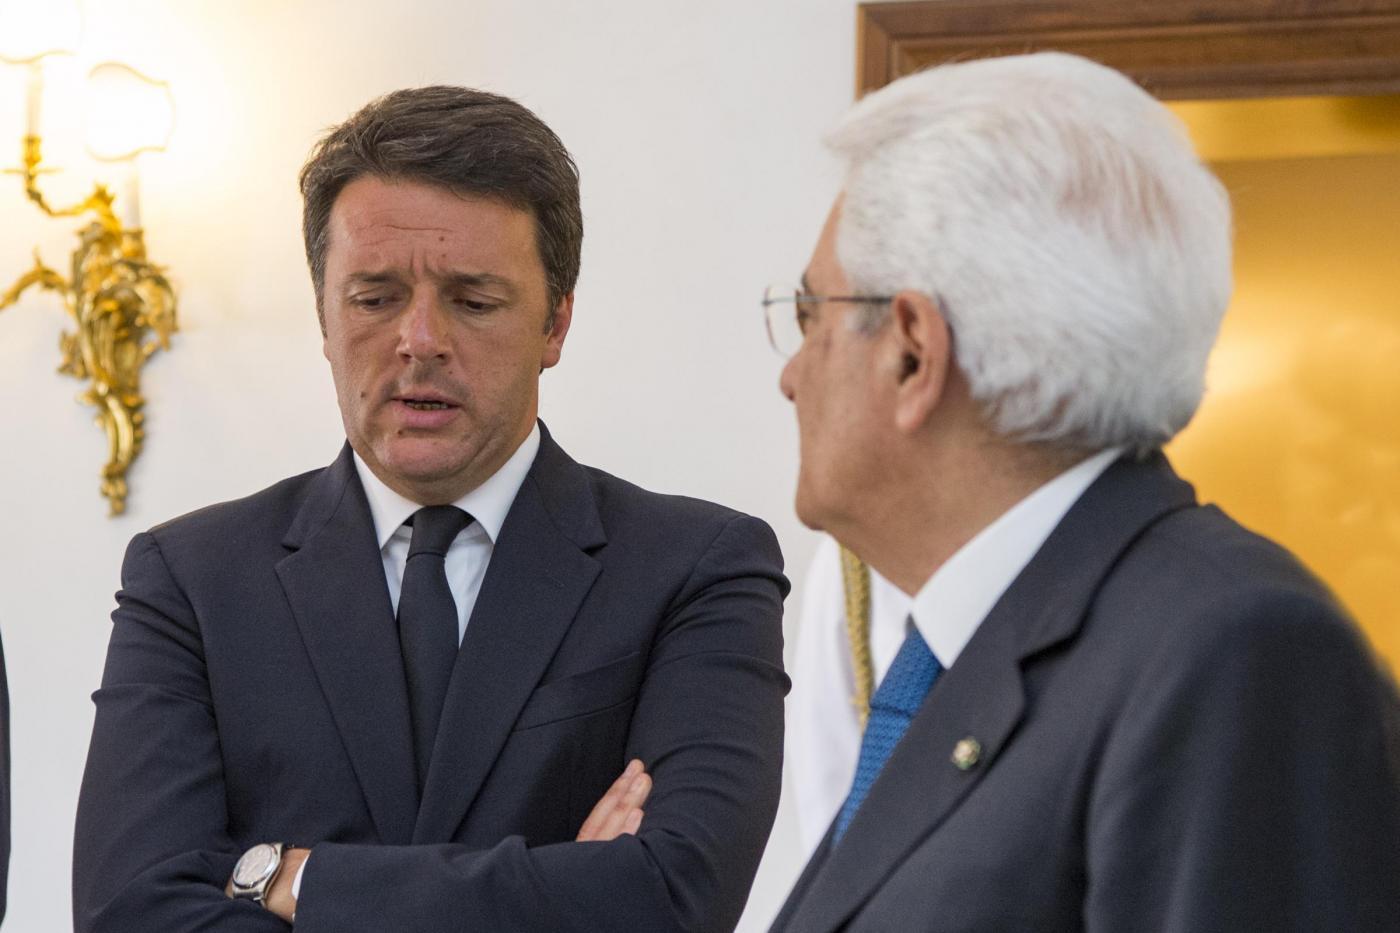 Matteo Renzi incontra Mattarella: referendum costituzionale a novembre?